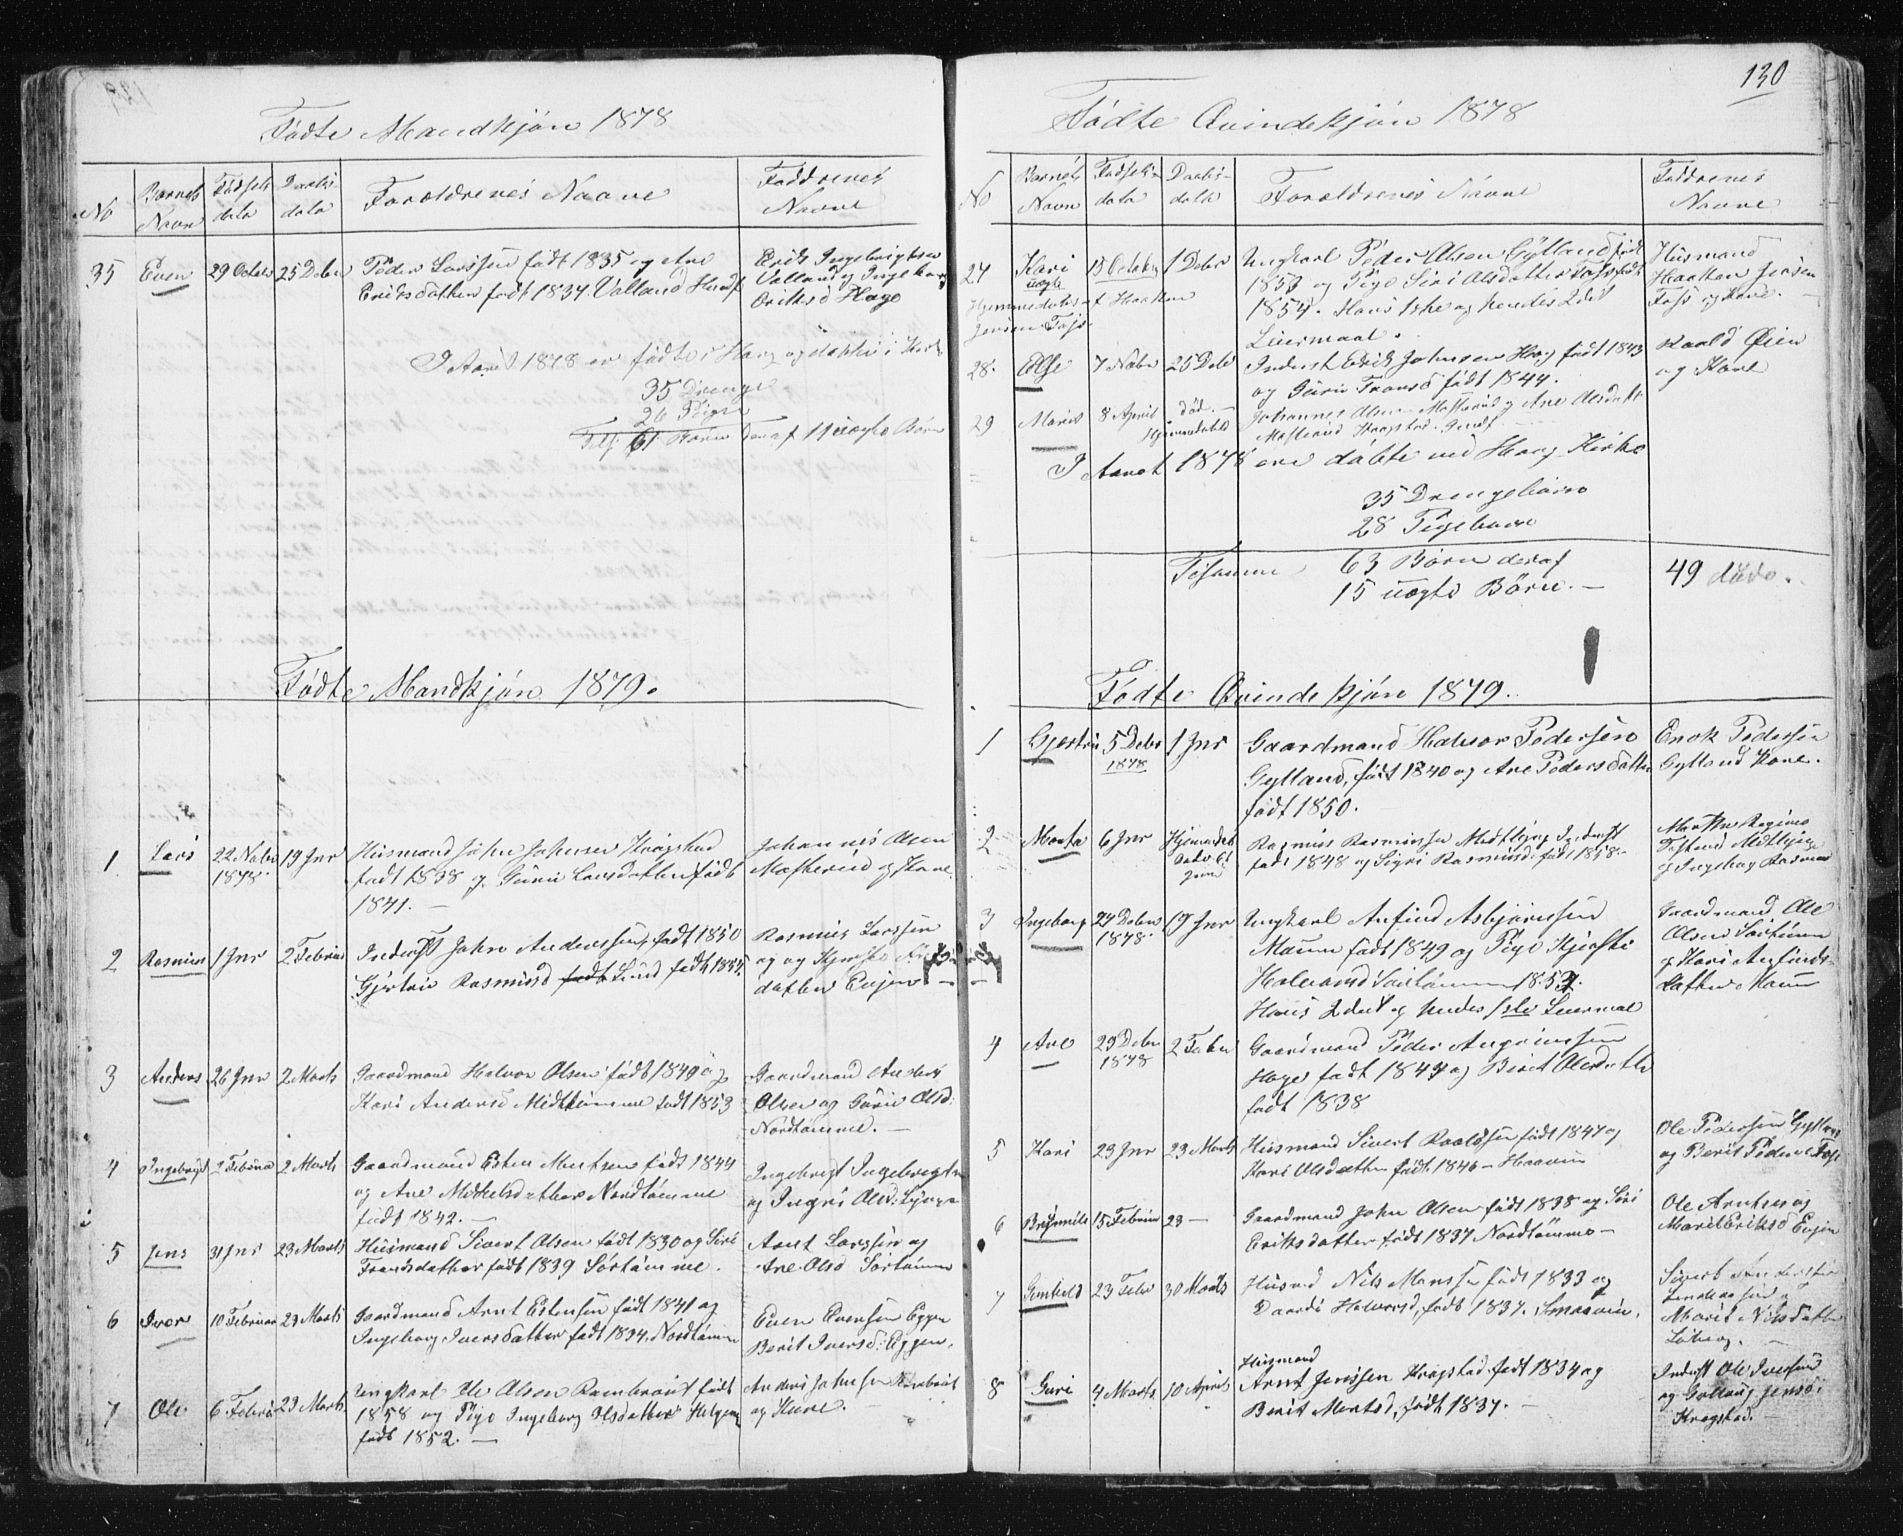 SAT, Ministerialprotokoller, klokkerbøker og fødselsregistre - Sør-Trøndelag, 692/L1110: Klokkerbok nr. 692C05, 1849-1889, s. 130